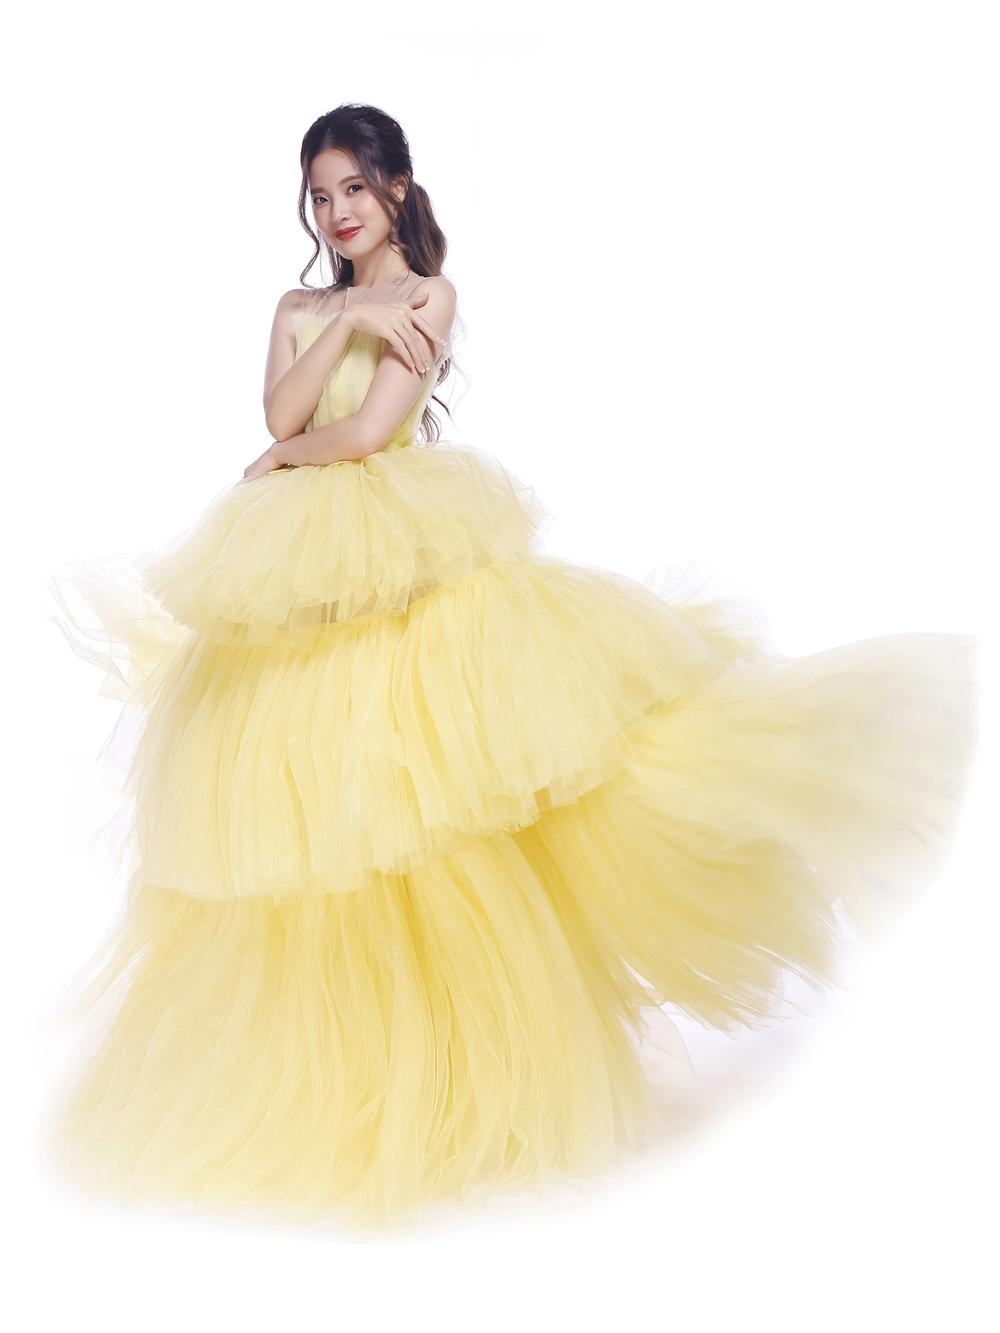 Midu khoe nét đẹp mặn mà, dịu dàng và đầy tính nữ với bộ đầm vàng.